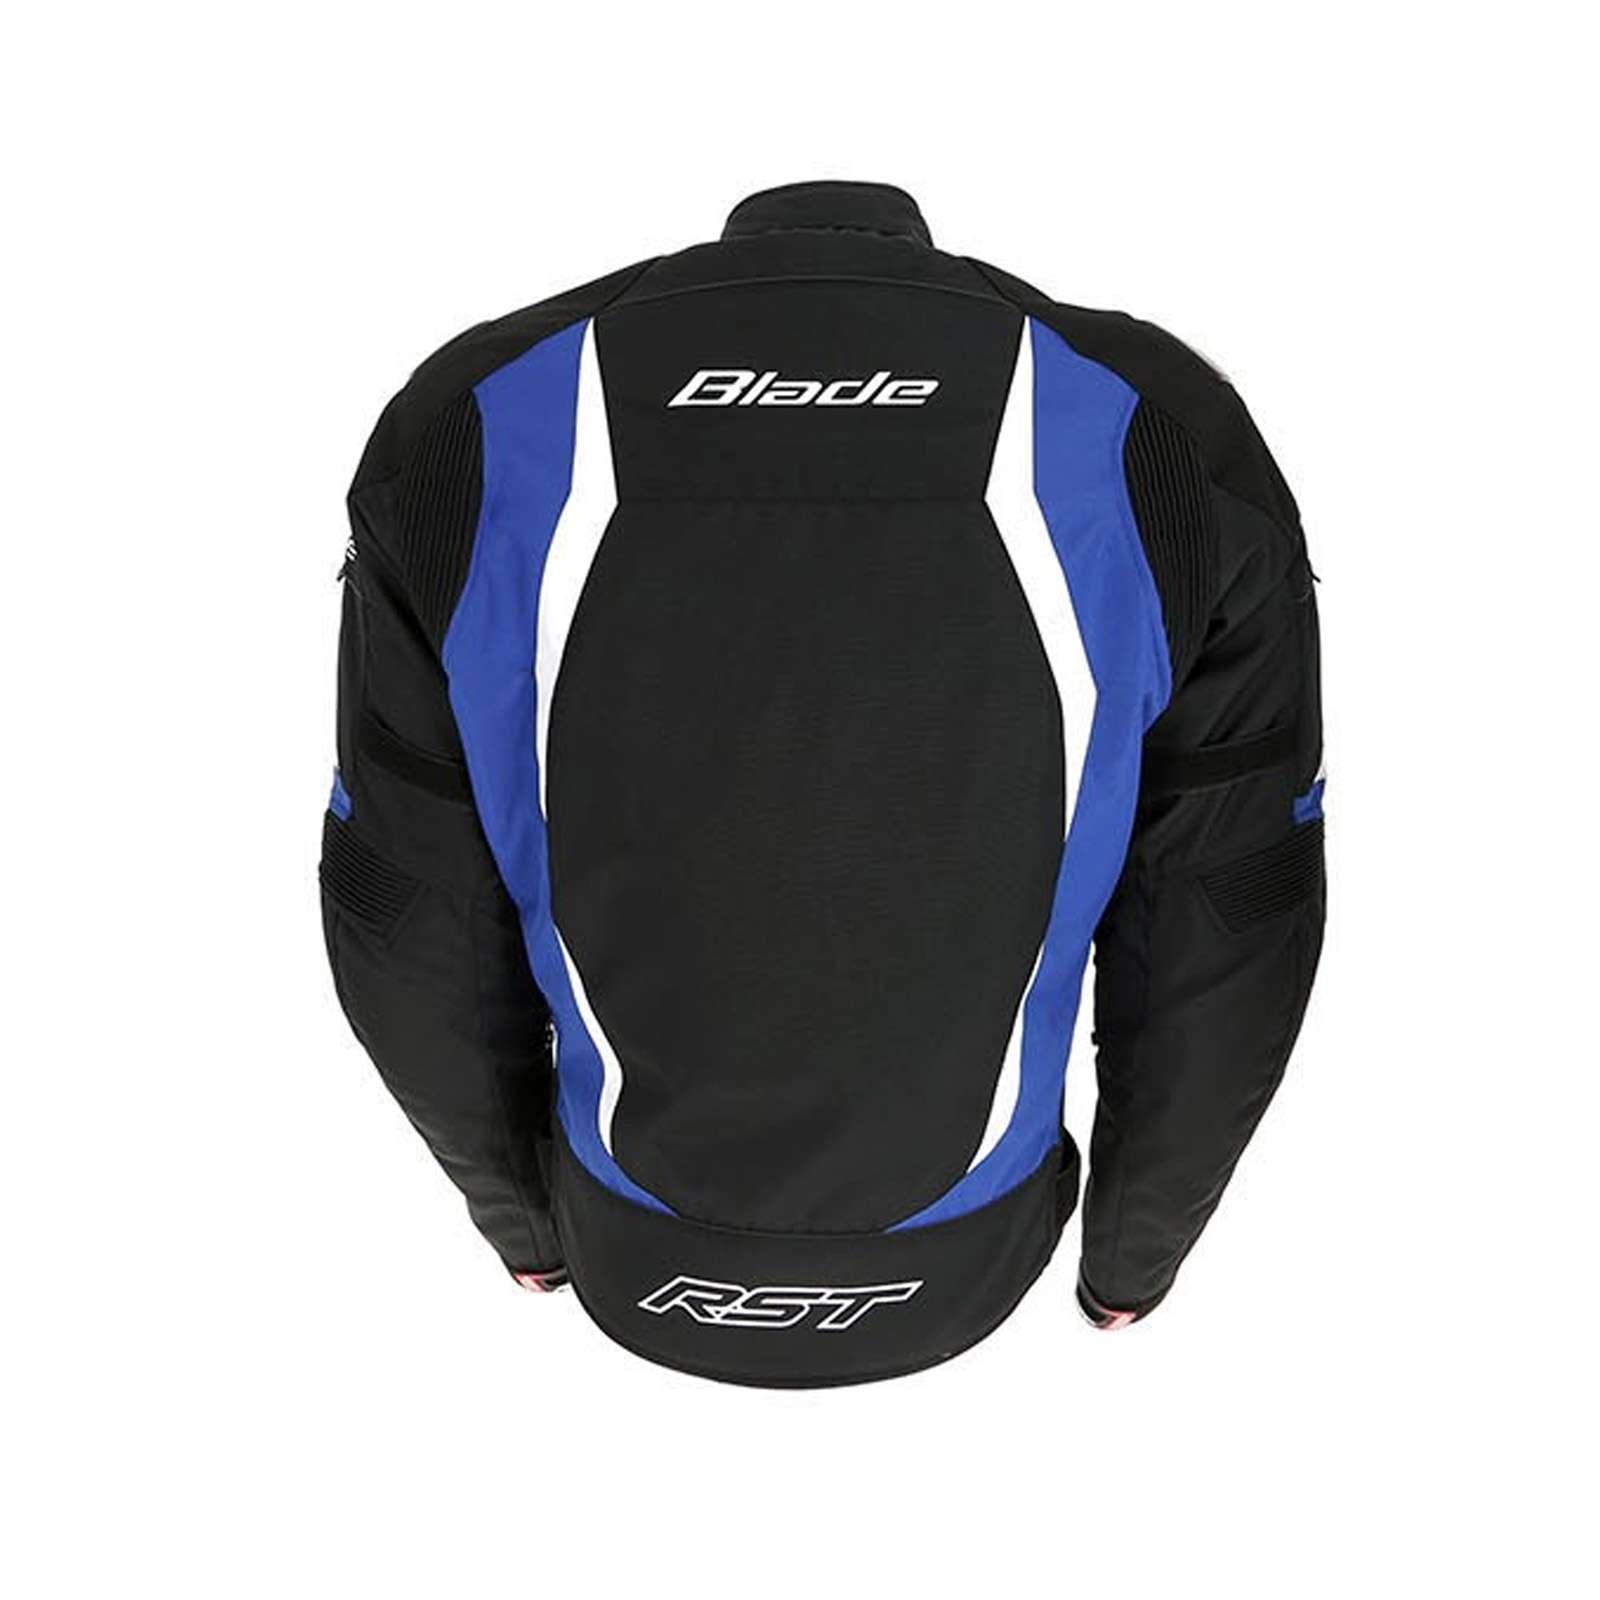 2890 RST Blade 2 II Textile Waterproof Motorcycle Jacket Black 1890